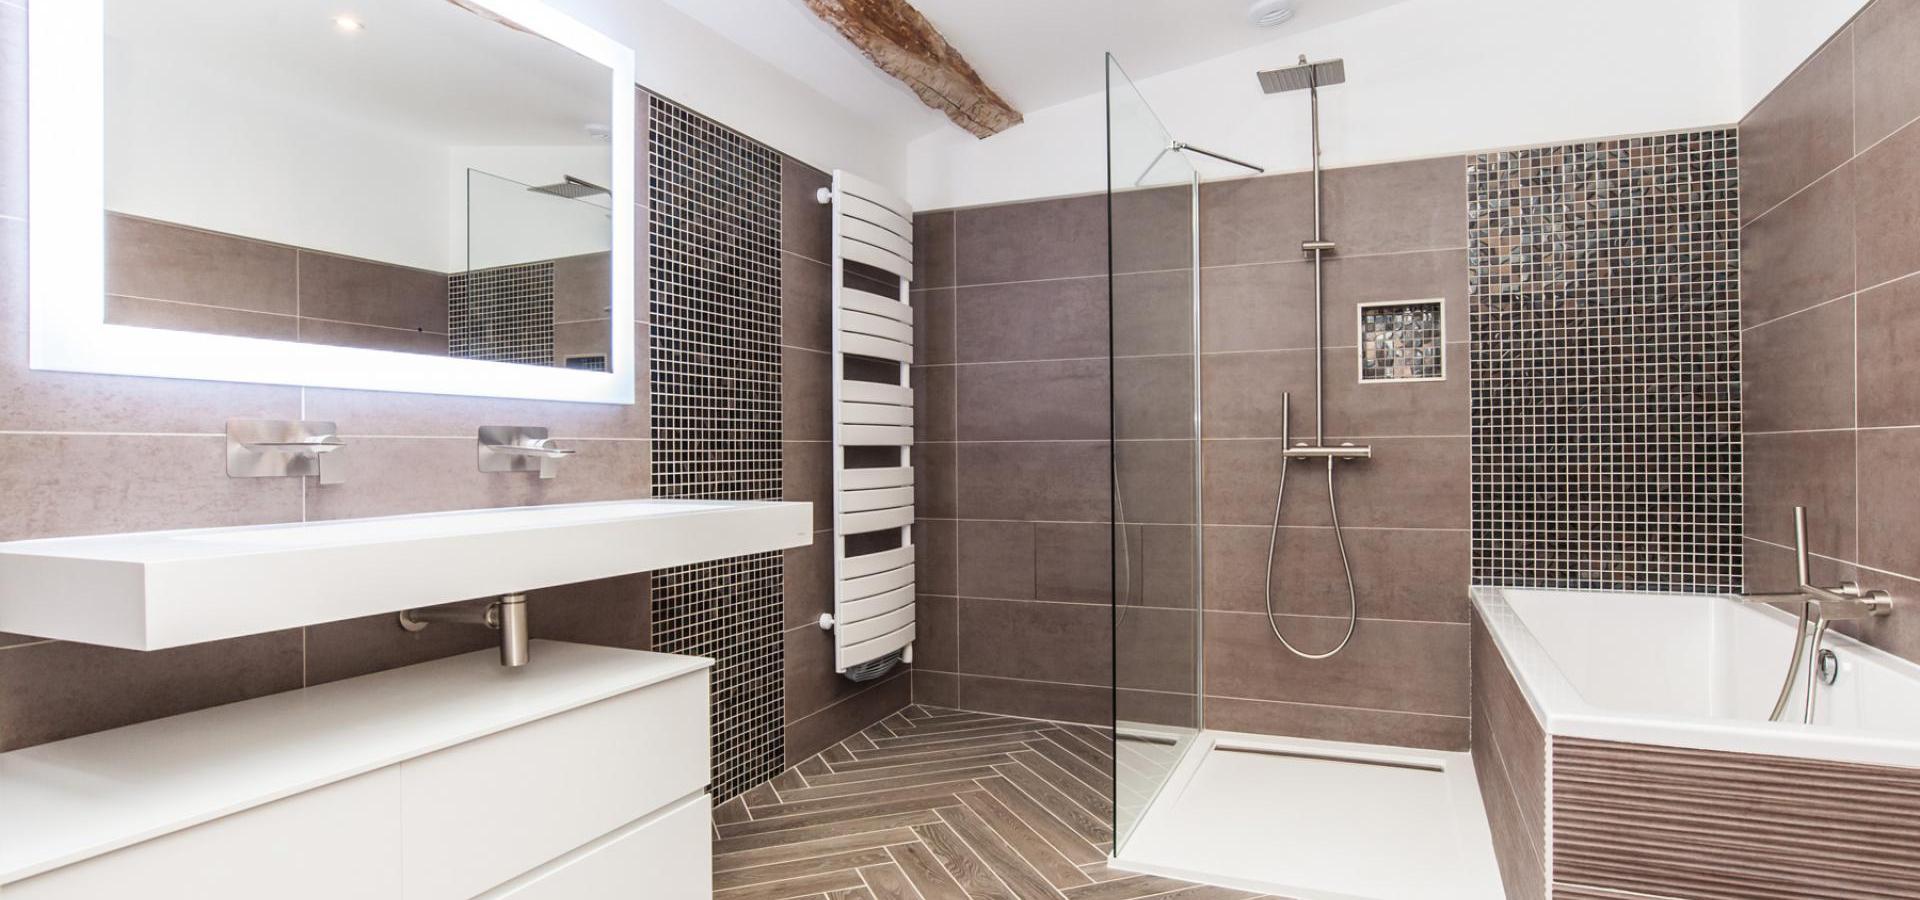 salle de bain carrelage faience a